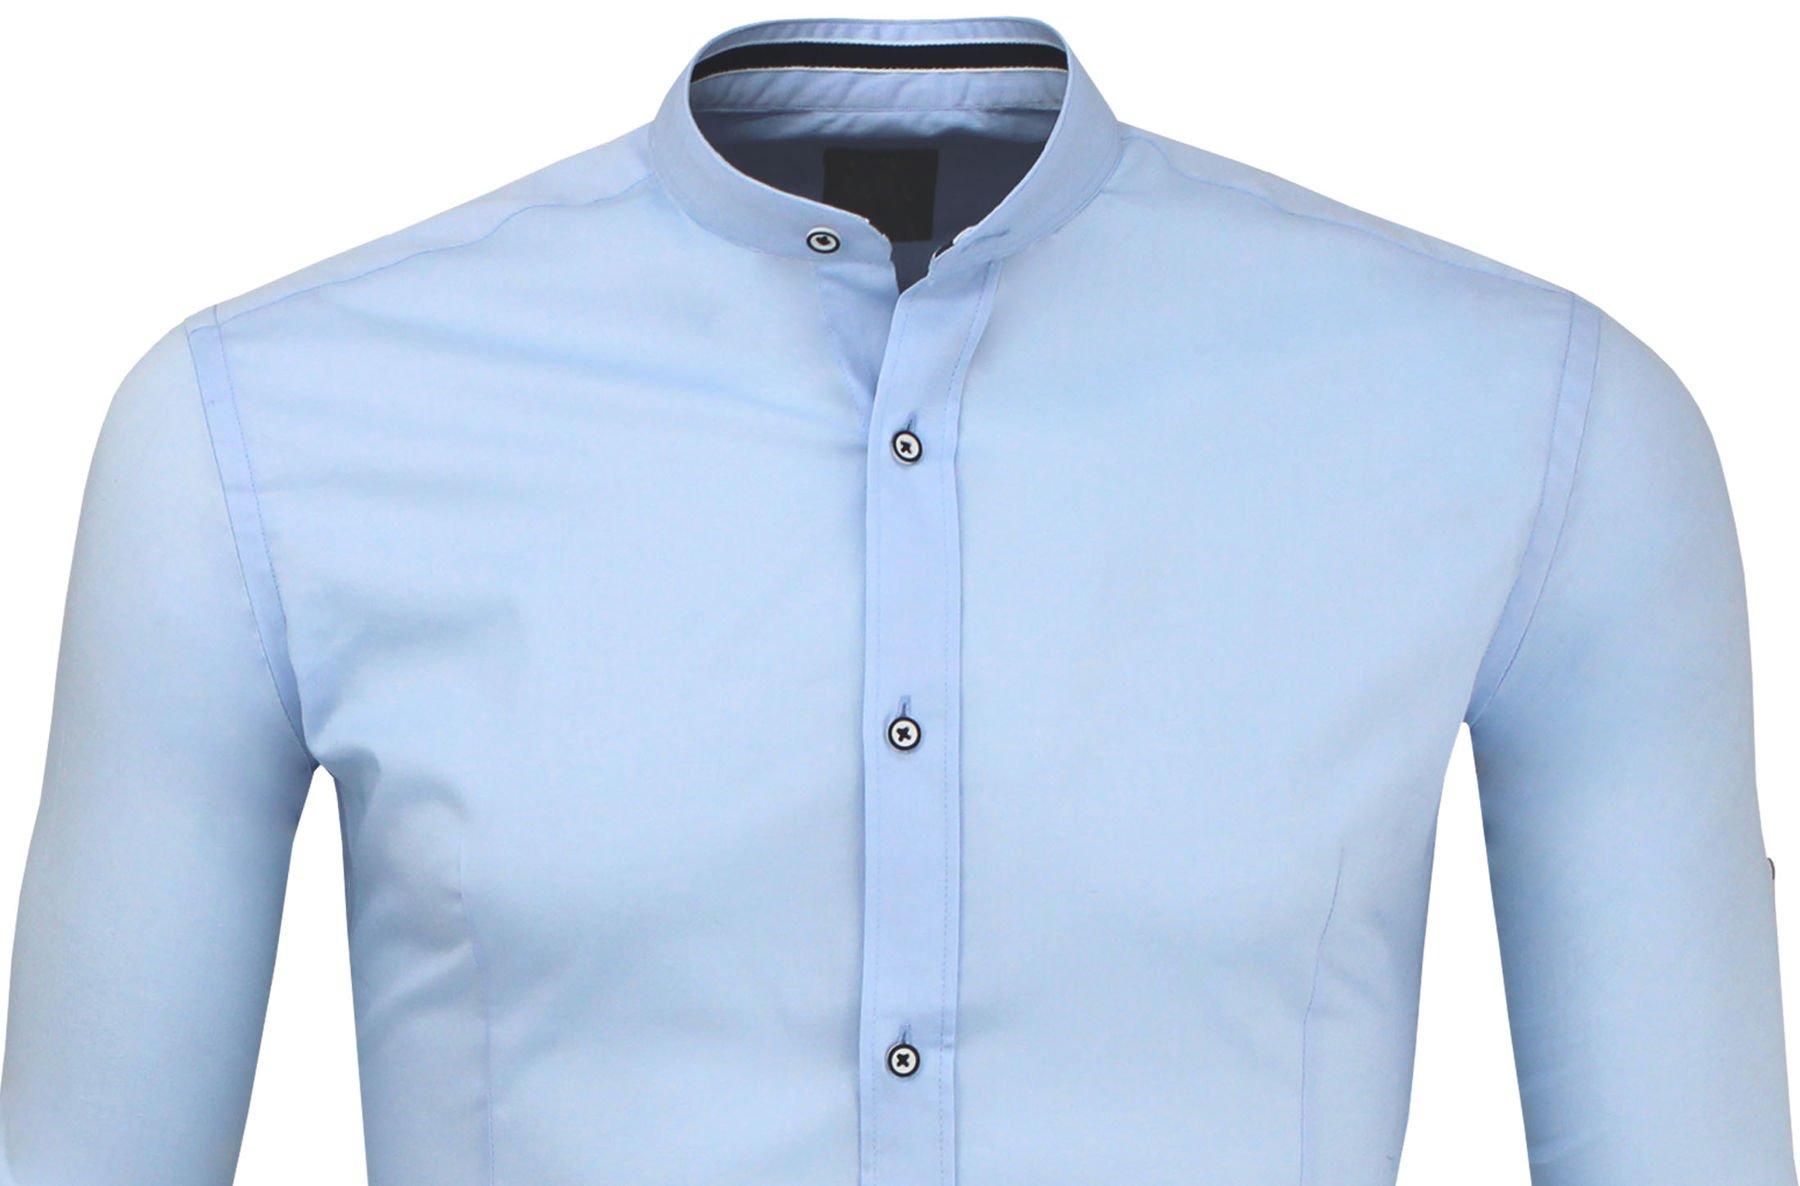 df84d1db9 Niebieska Koszula Męska ze Stójką SLIM FIT Kliknij, aby powiększyć ...